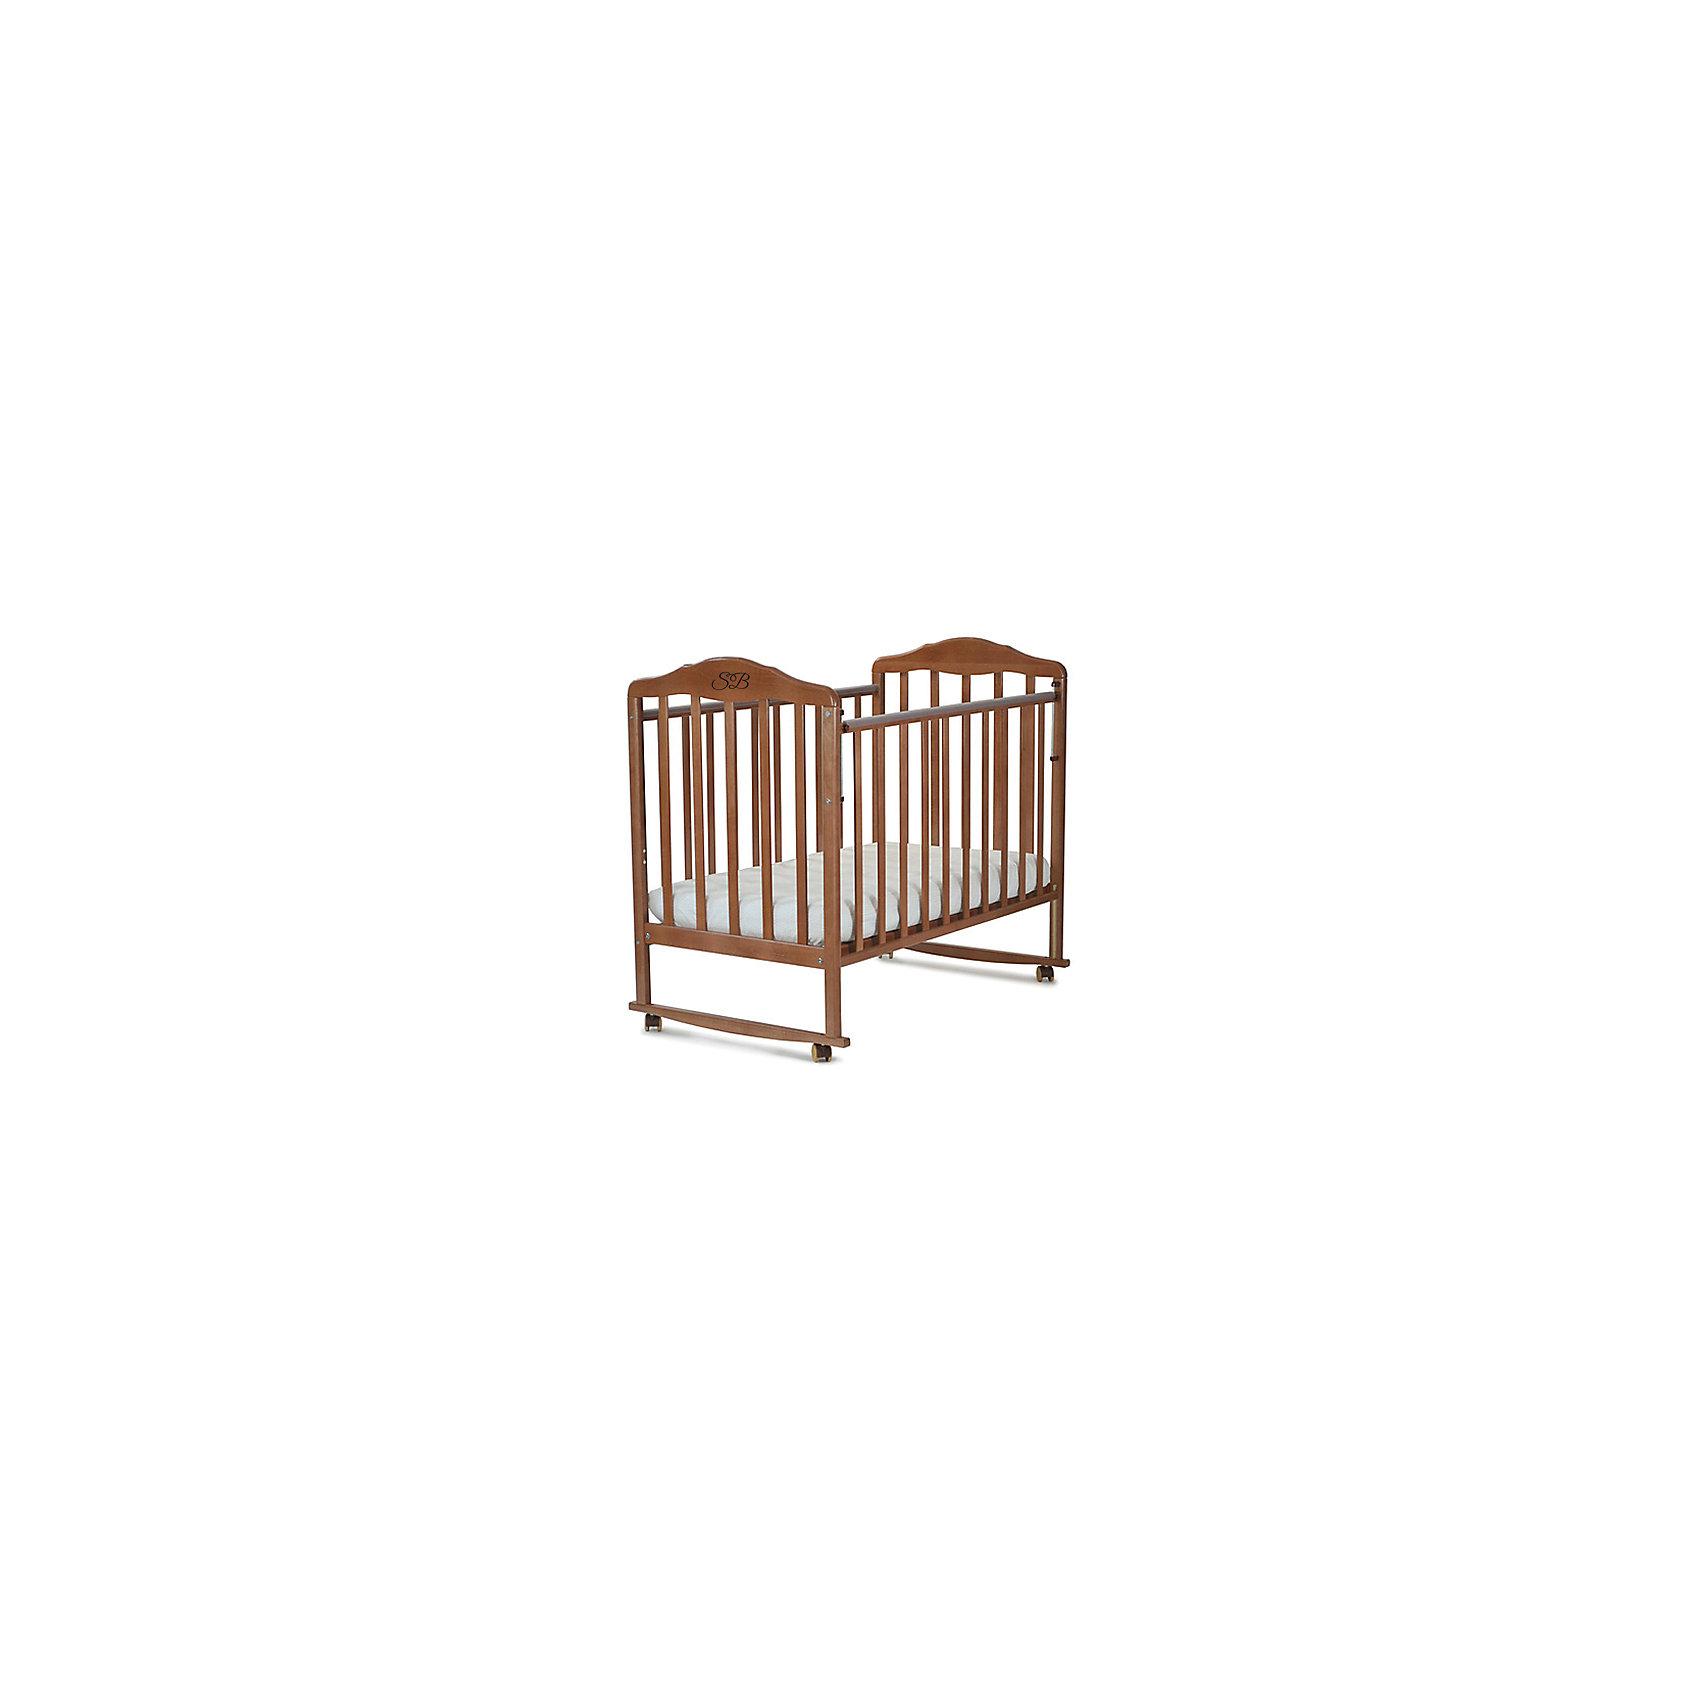 Кроватка Lorenzo Noce, Sweet Baby, орехКроватки<br>Характеристики товара:<br><br>• цвет: орех<br>• колесики<br>• материал: дерево<br>• силиконовые накладки на бортики<br>• полозья для качания<br>• размер спального места: 120х60 см<br>• 2 уровня ложа<br><br>Кроватку Sweet Baby Lorenzo с комплектацией колёсо/качалка можно использовать в одном из 2-х вариантов – на качалке или прикрутить колёсики.<br><br>Округлые формы деталей не позволят Вашему малышу удариться, а передняя стенка особенно надежна и долговечна благодаря тому, что подвижна только верхняя планка.<br><br>Два уровня ложа позволяют менять глубину кроватки по мере роста малыша, опускаемая планка поможет без труда дотянуться до малыша в кроватке.<br><br>Расстояние между рейками не дает возможность ребенку застрять между ними во время сна.<br><br>Детская кровать Sweet Baby Lorenzo изготовлена из древесины березы, прочного и долговечного материала. <br><br>Кроватки для новорожденных SweetBaby обрабатываются нетоксичными лаками и красками, абсолютно безвредными для ребенка.<br><br>Кроватку Lorenzo Noce, Sweet Baby можно купить в нашем интернет-магазине.<br><br>Ширина мм: 710<br>Глубина мм: 150<br>Высота мм: 1240<br>Вес г: 19000<br>Возраст от месяцев: 0<br>Возраст до месяцев: 36<br>Пол: Унисекс<br>Возраст: Детский<br>SKU: 5583570